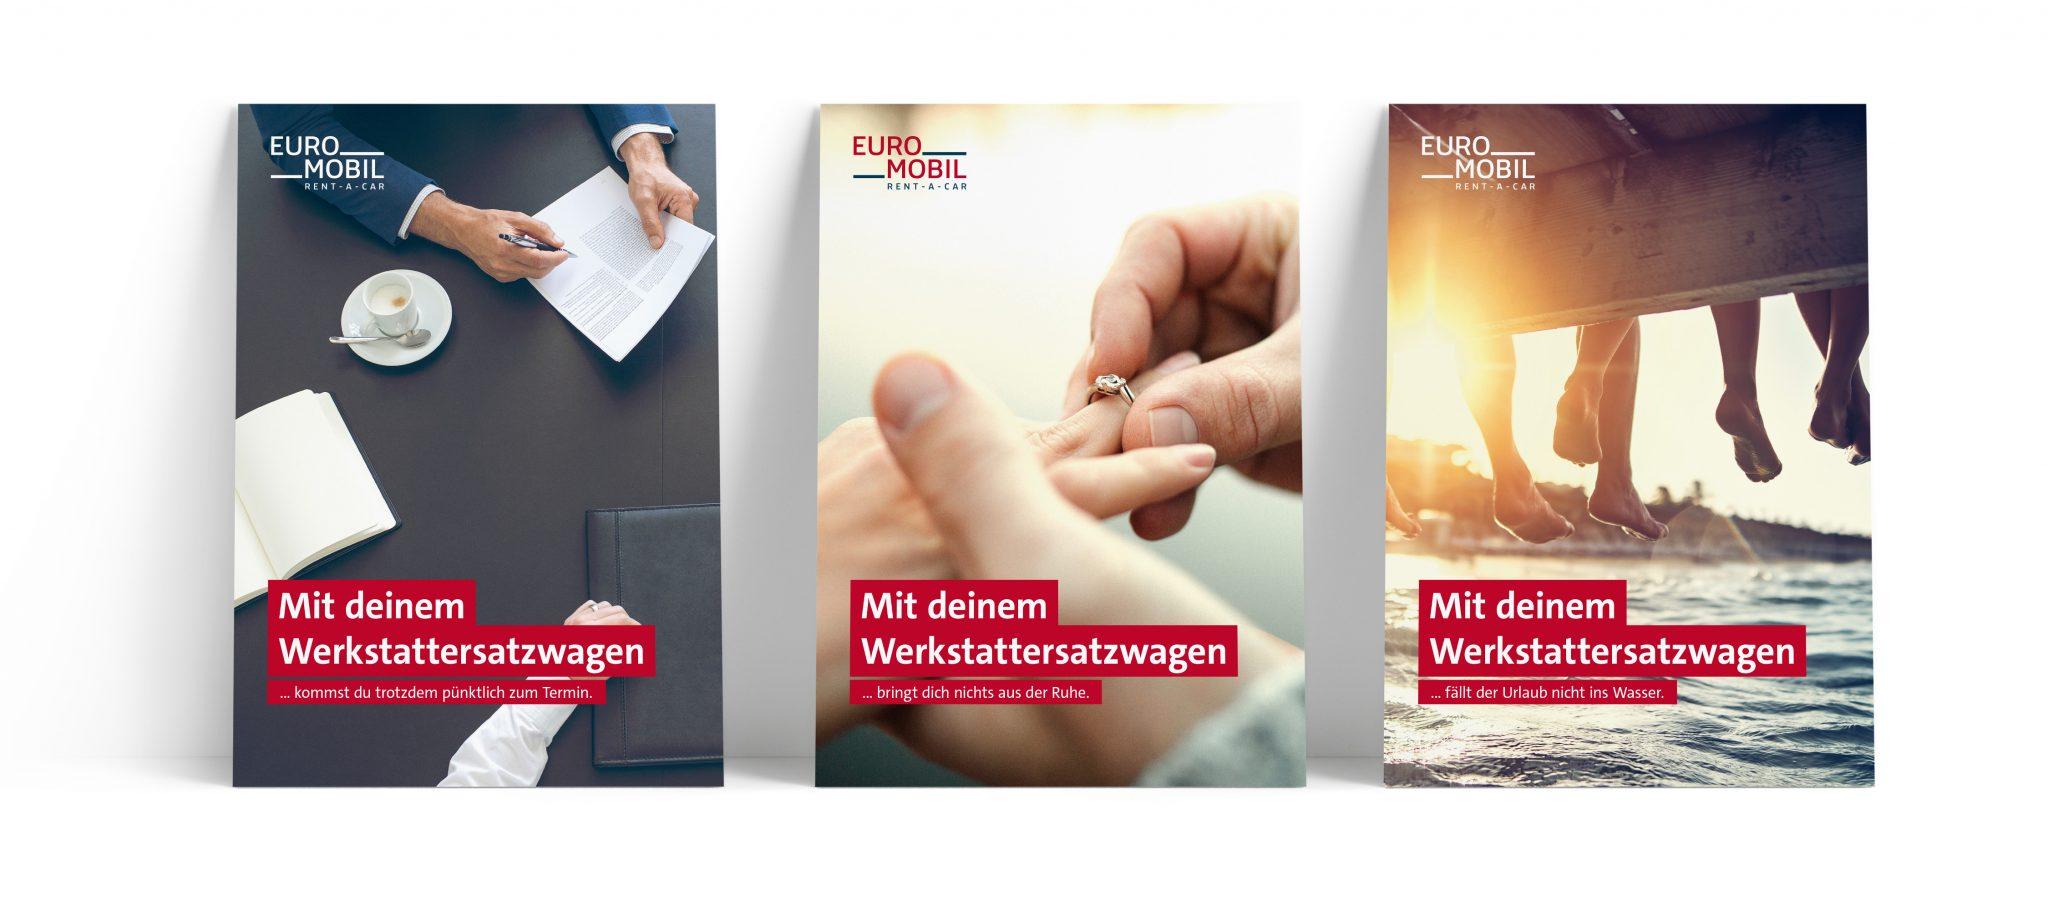 Euromobil Relaunch Plakate Werkstattersatzwagen